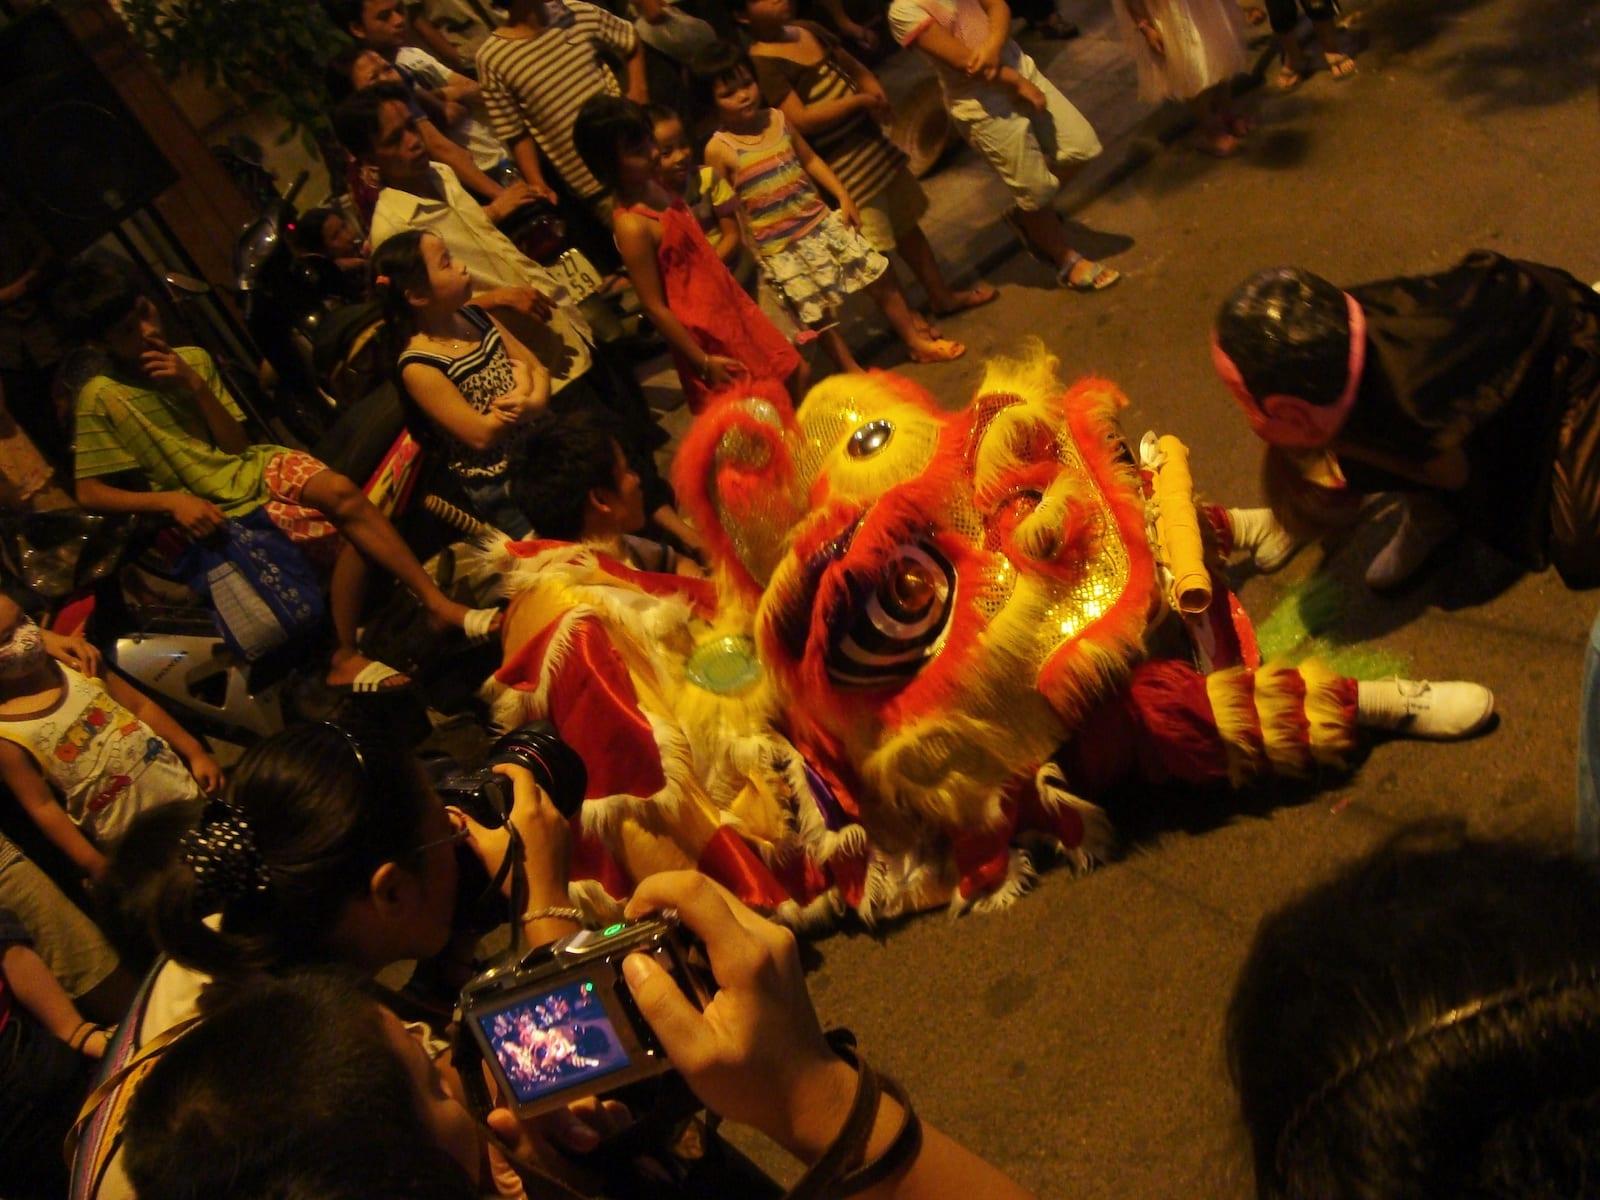 Tet Trung Thu Festival in September, Hanoi